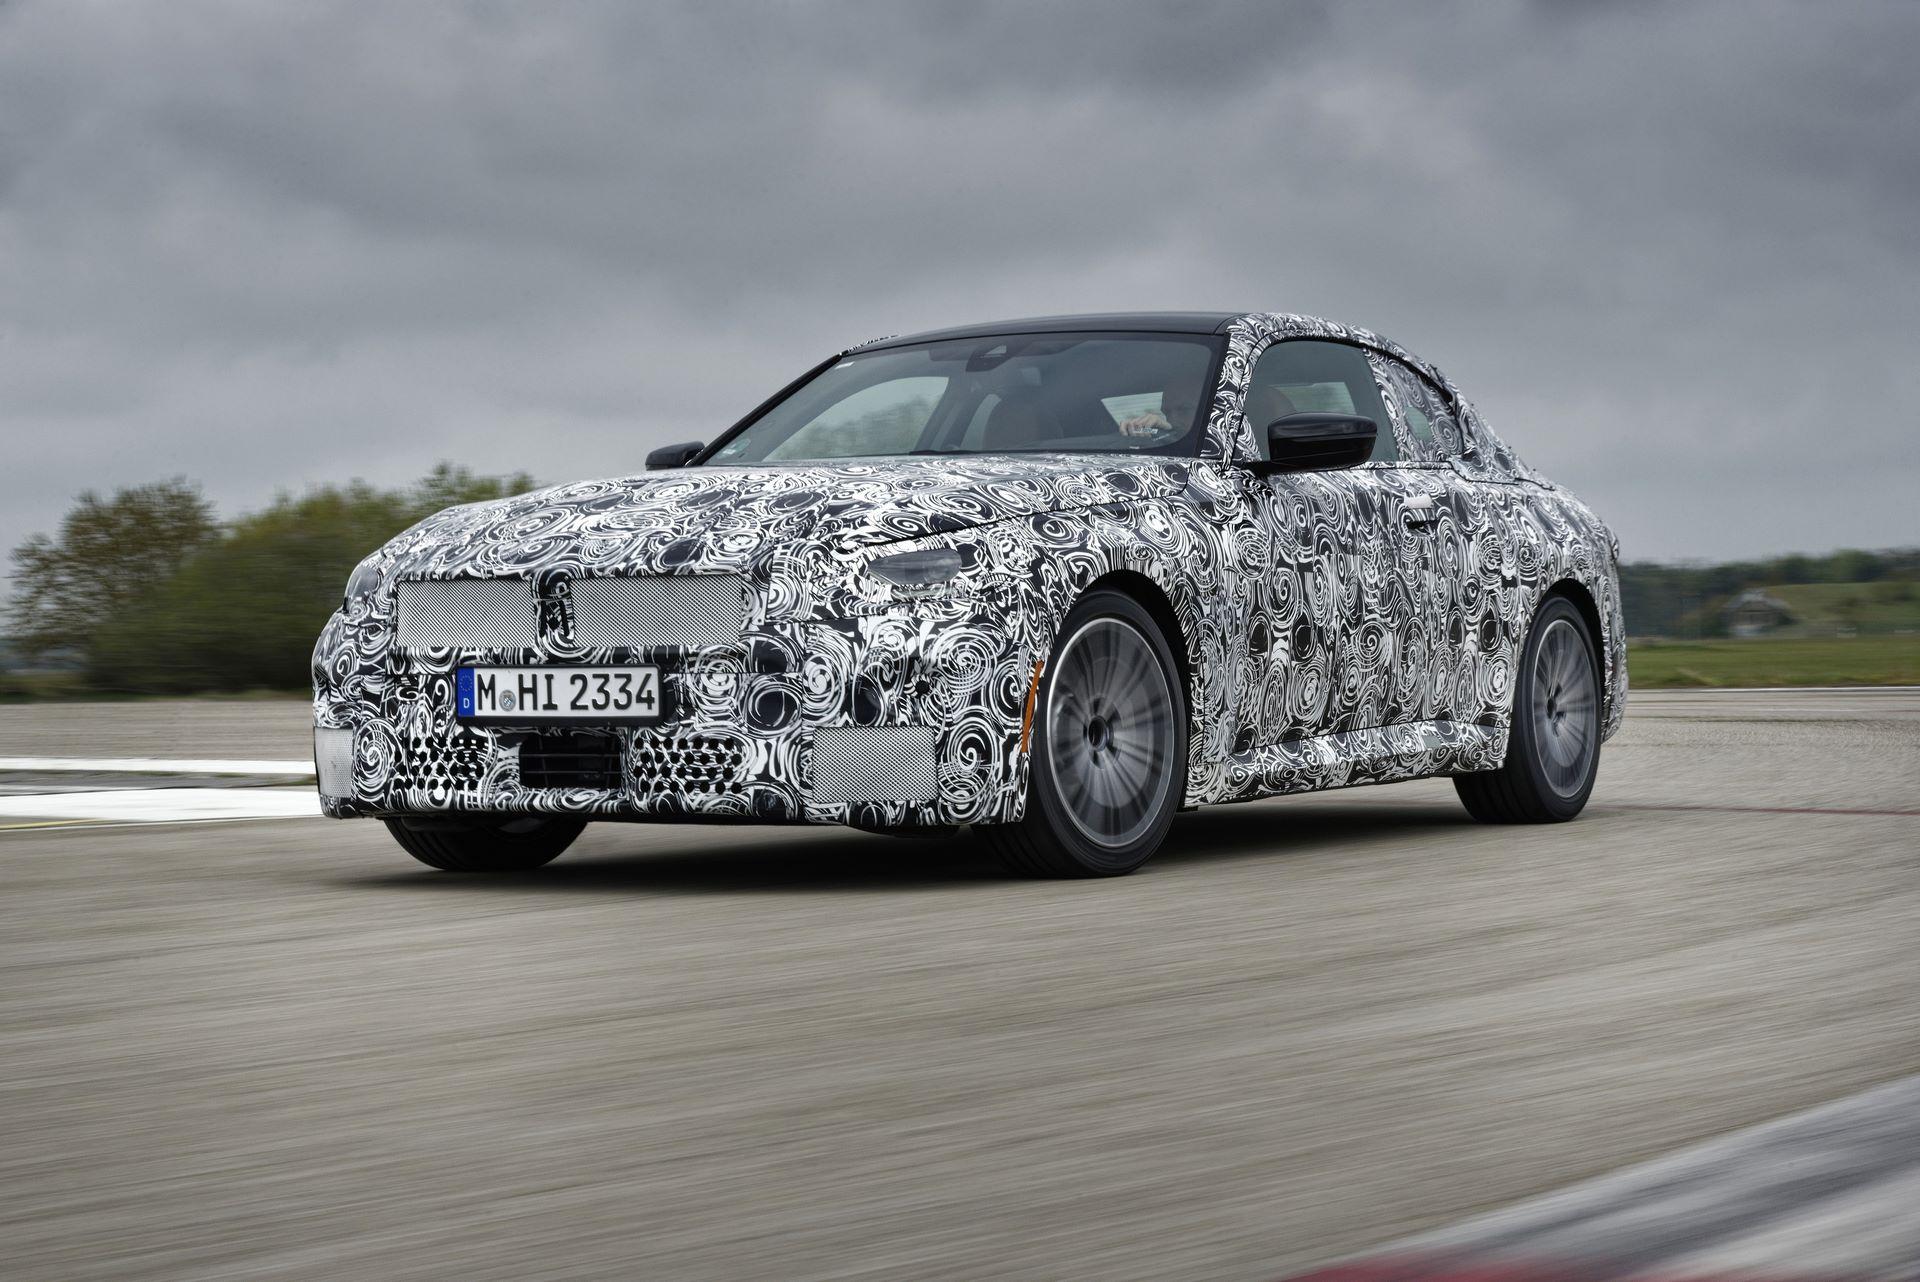 BMW-2-Series-M240i-spy-photos-19